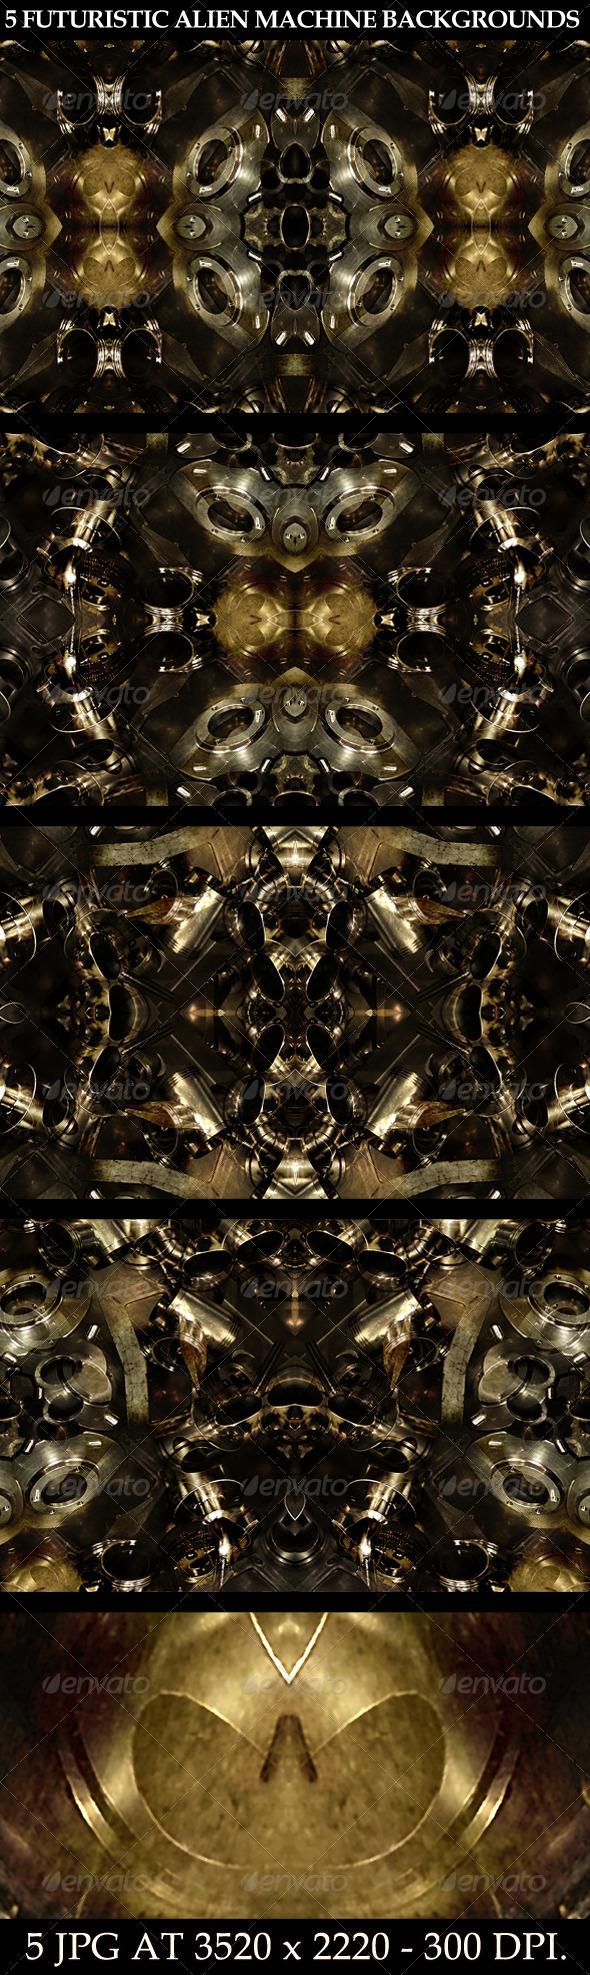 GraphicRiver 5 Futuristic Alien Machine Backgrounds 7011889